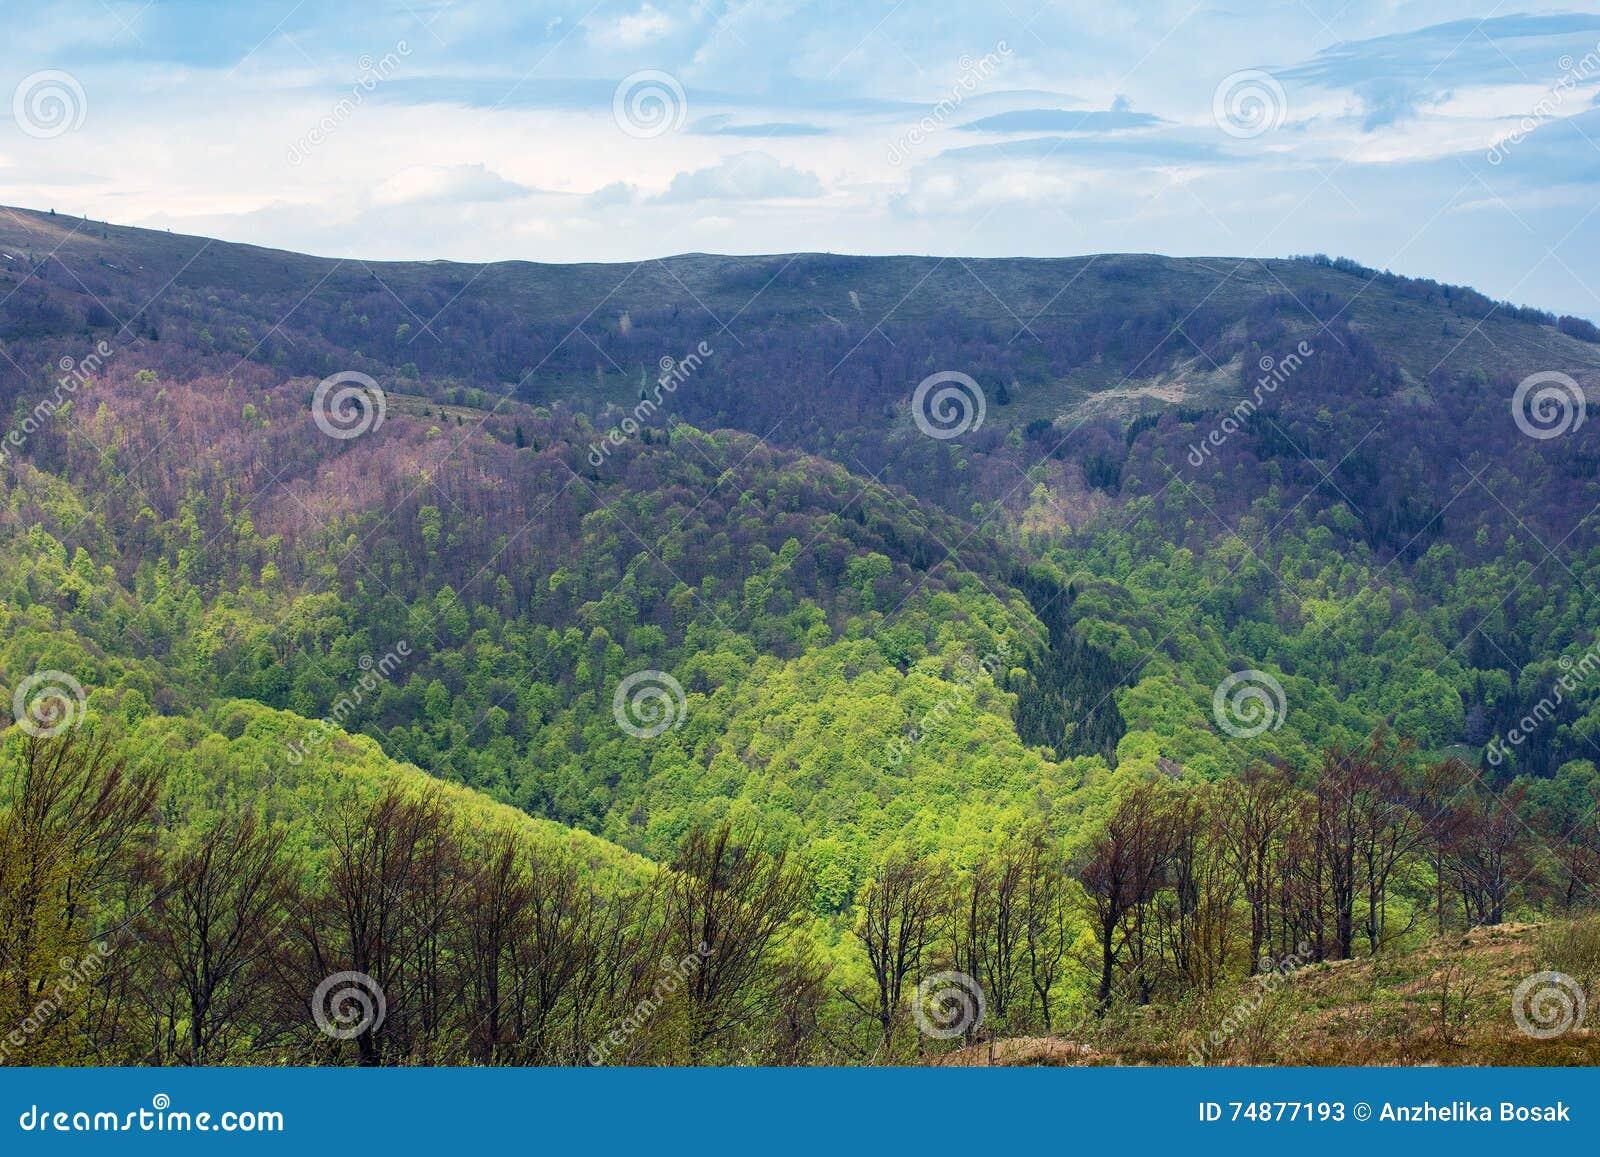 Paisagem das montanhas com árvores verdes